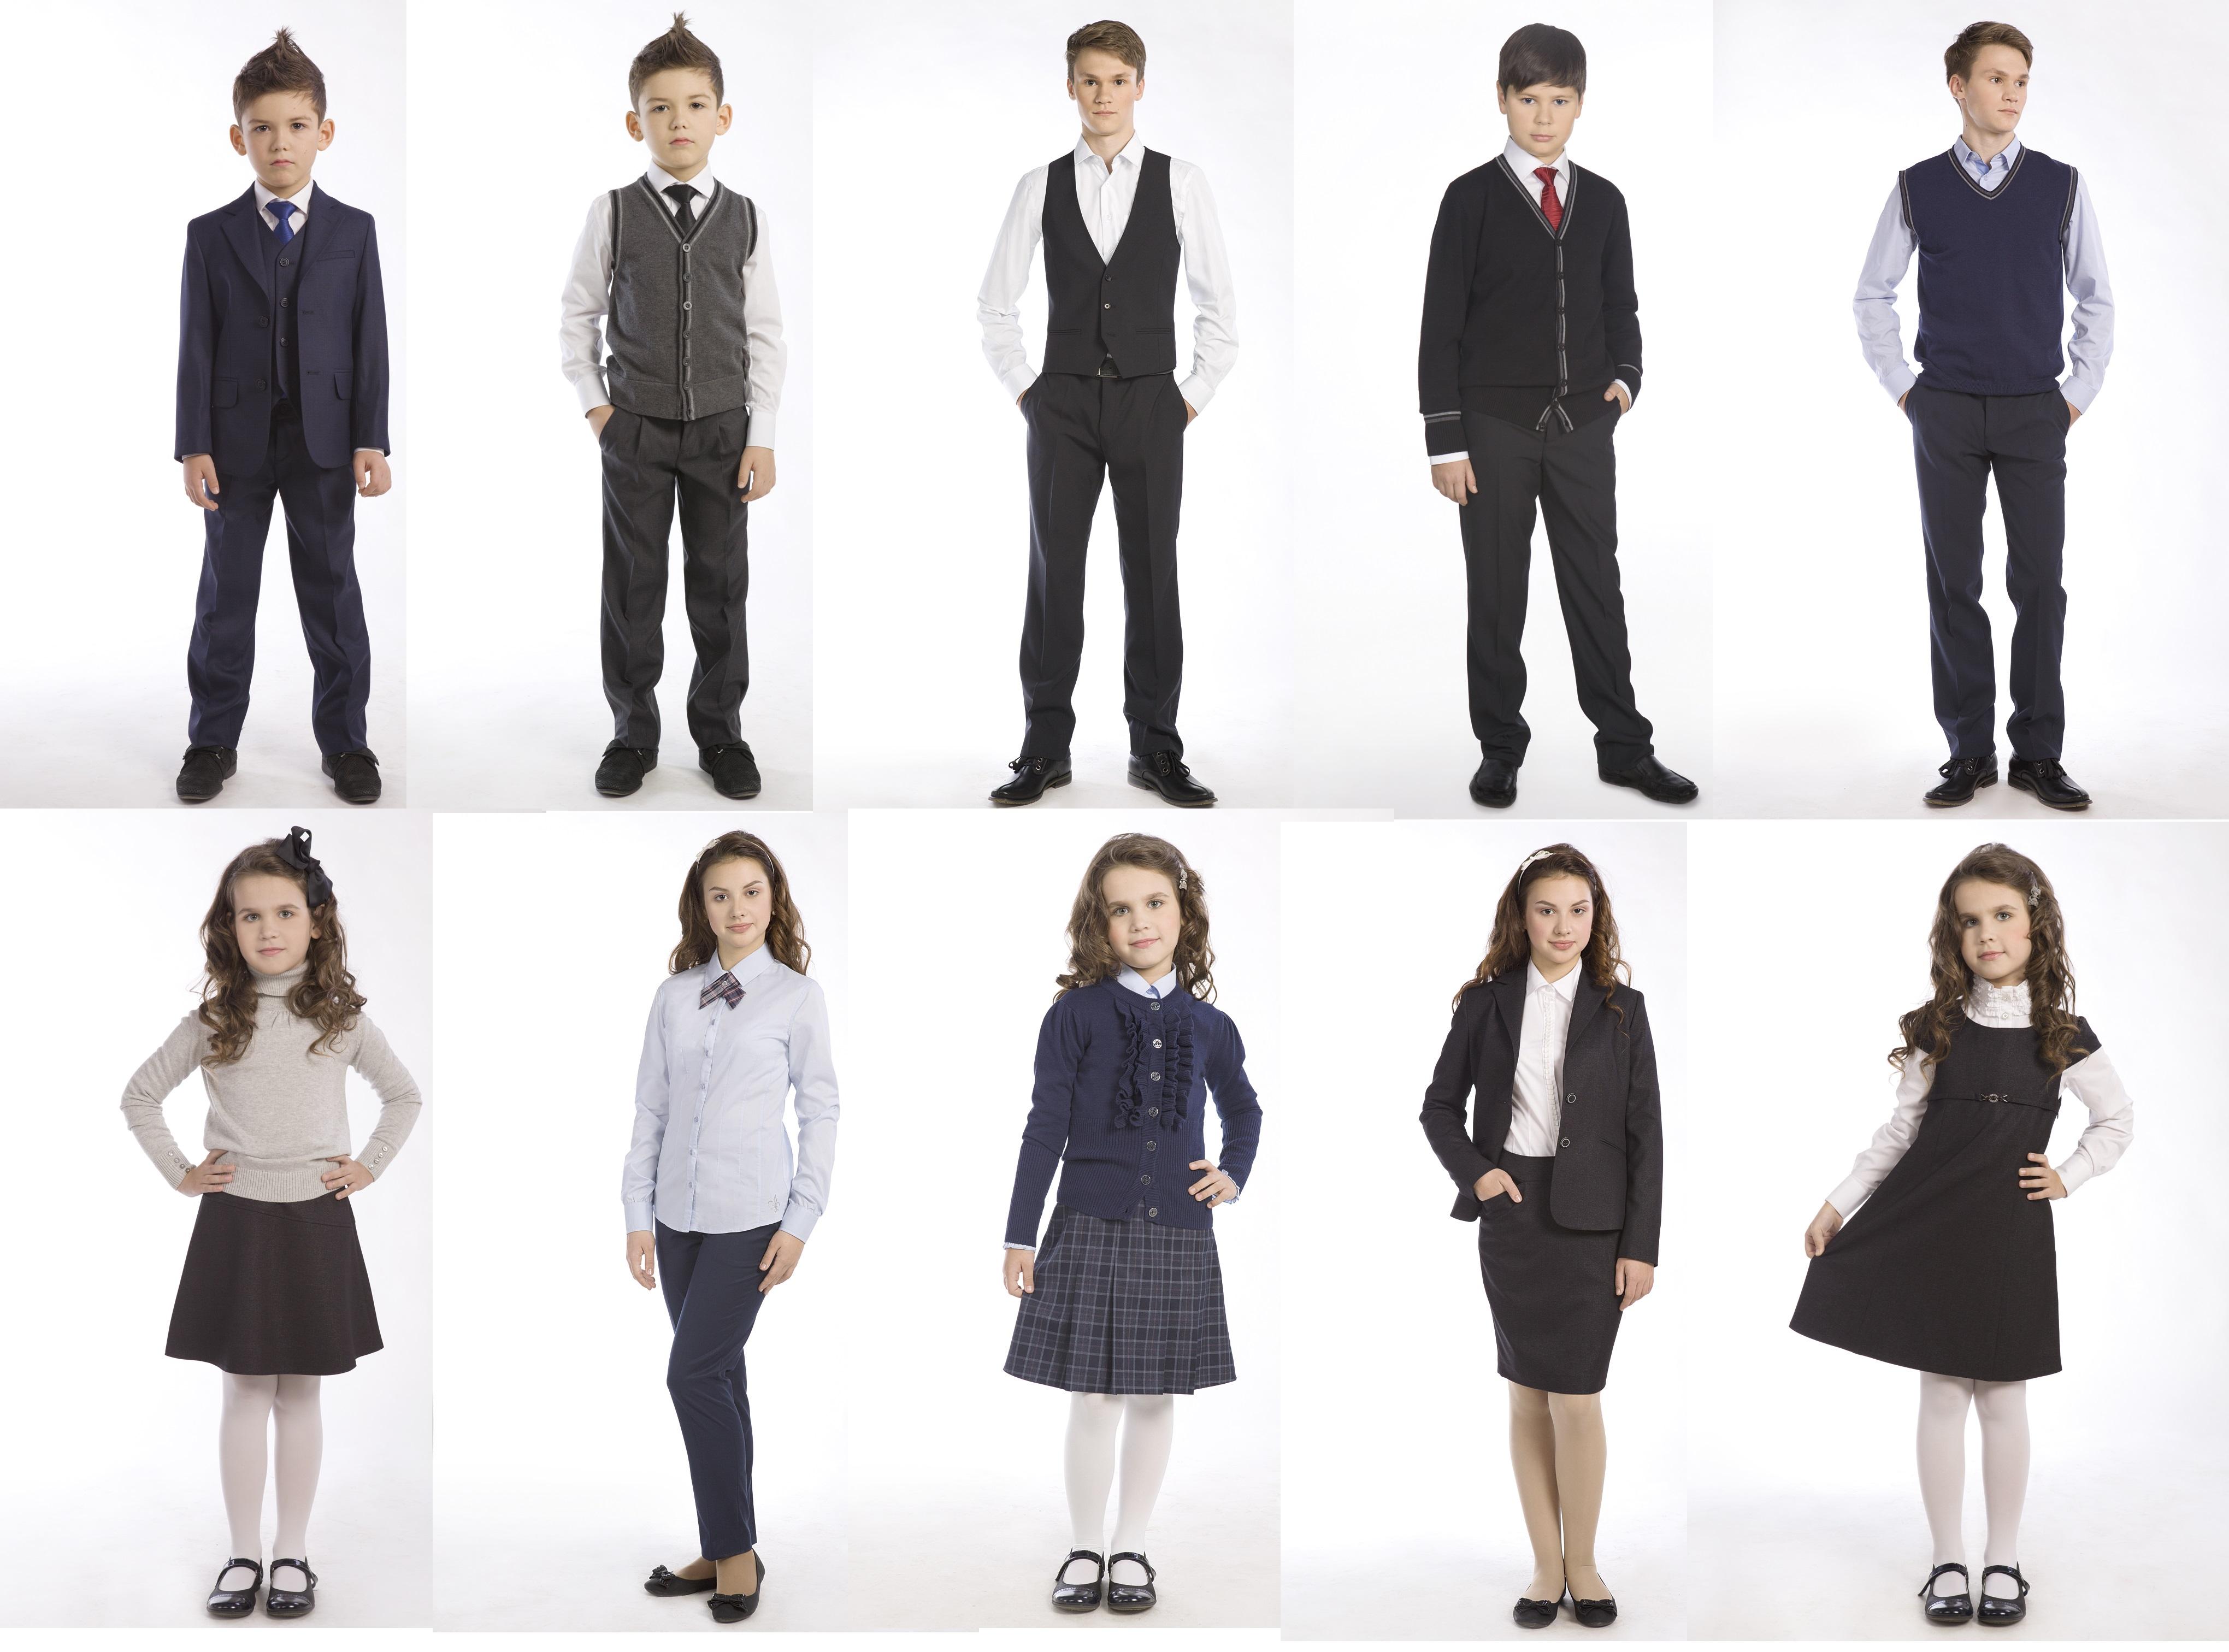 Школьная форма нового поколения! Костюмная группа и школьный трикотаж - водолазки, жилеты, кардиганы, рубашки, блузки - 19. На рост от 116 до 188. Без рядов!